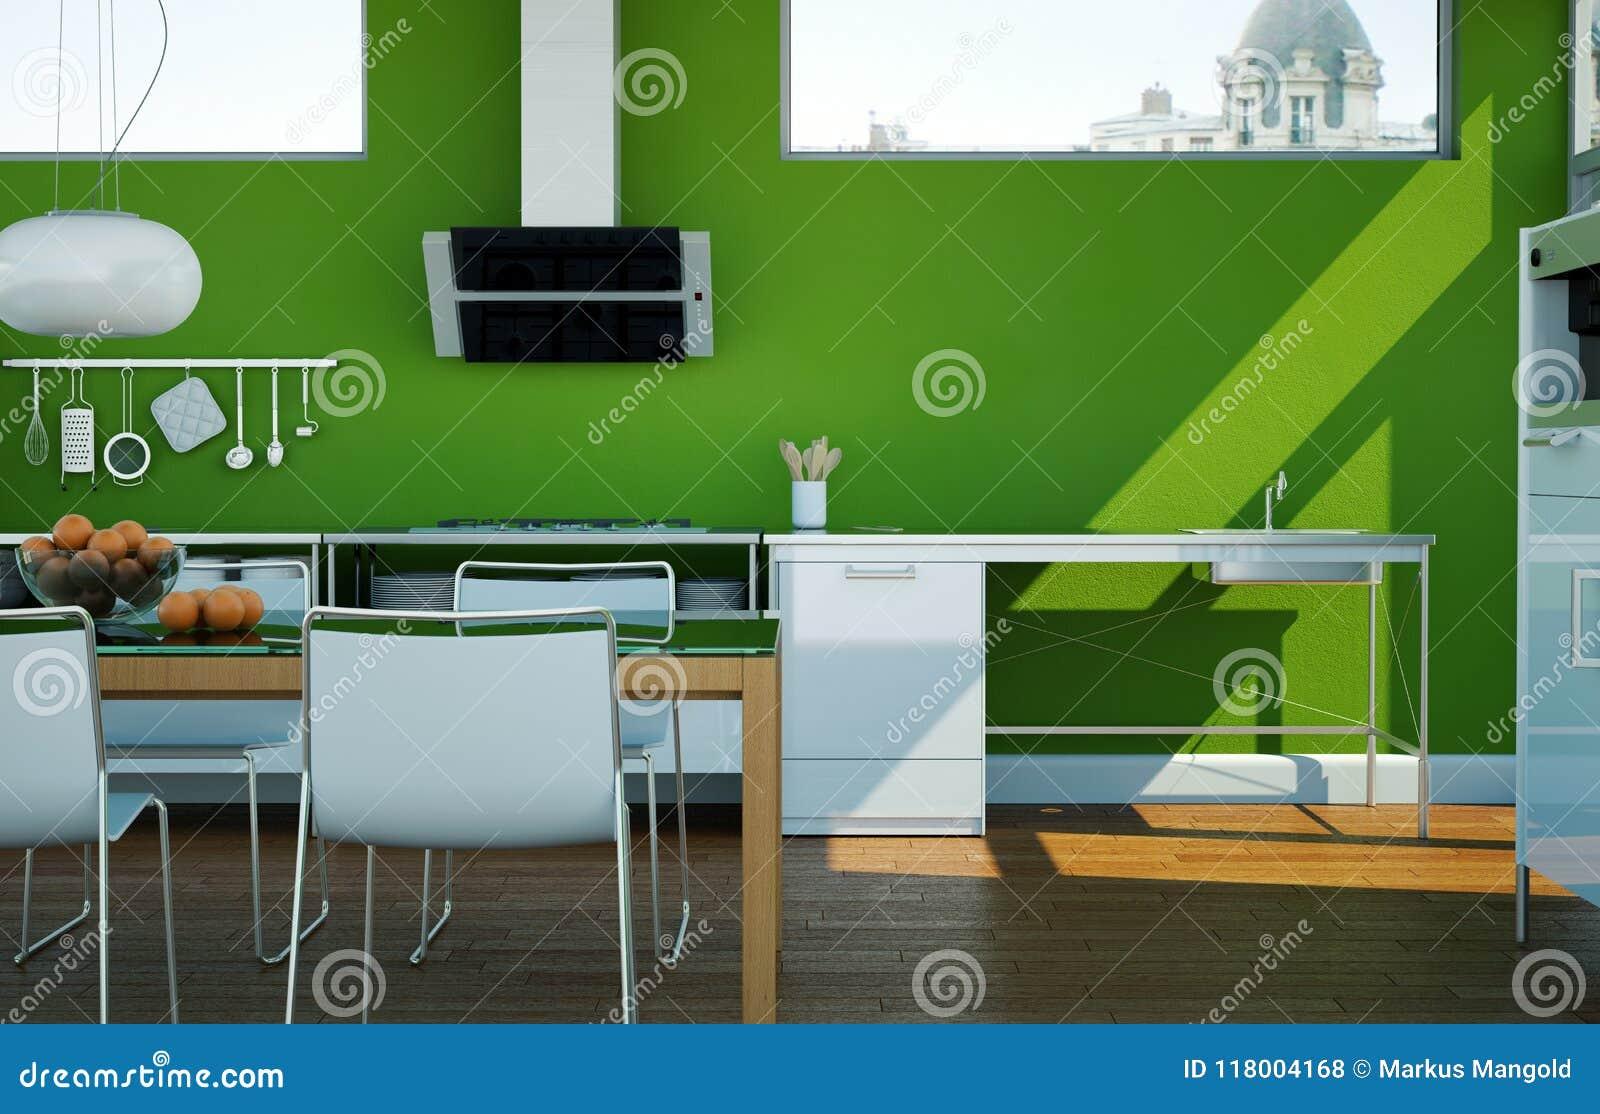 Cuisine Moderne Blanche Dans Une Maison Avec Les Murs Verts ...